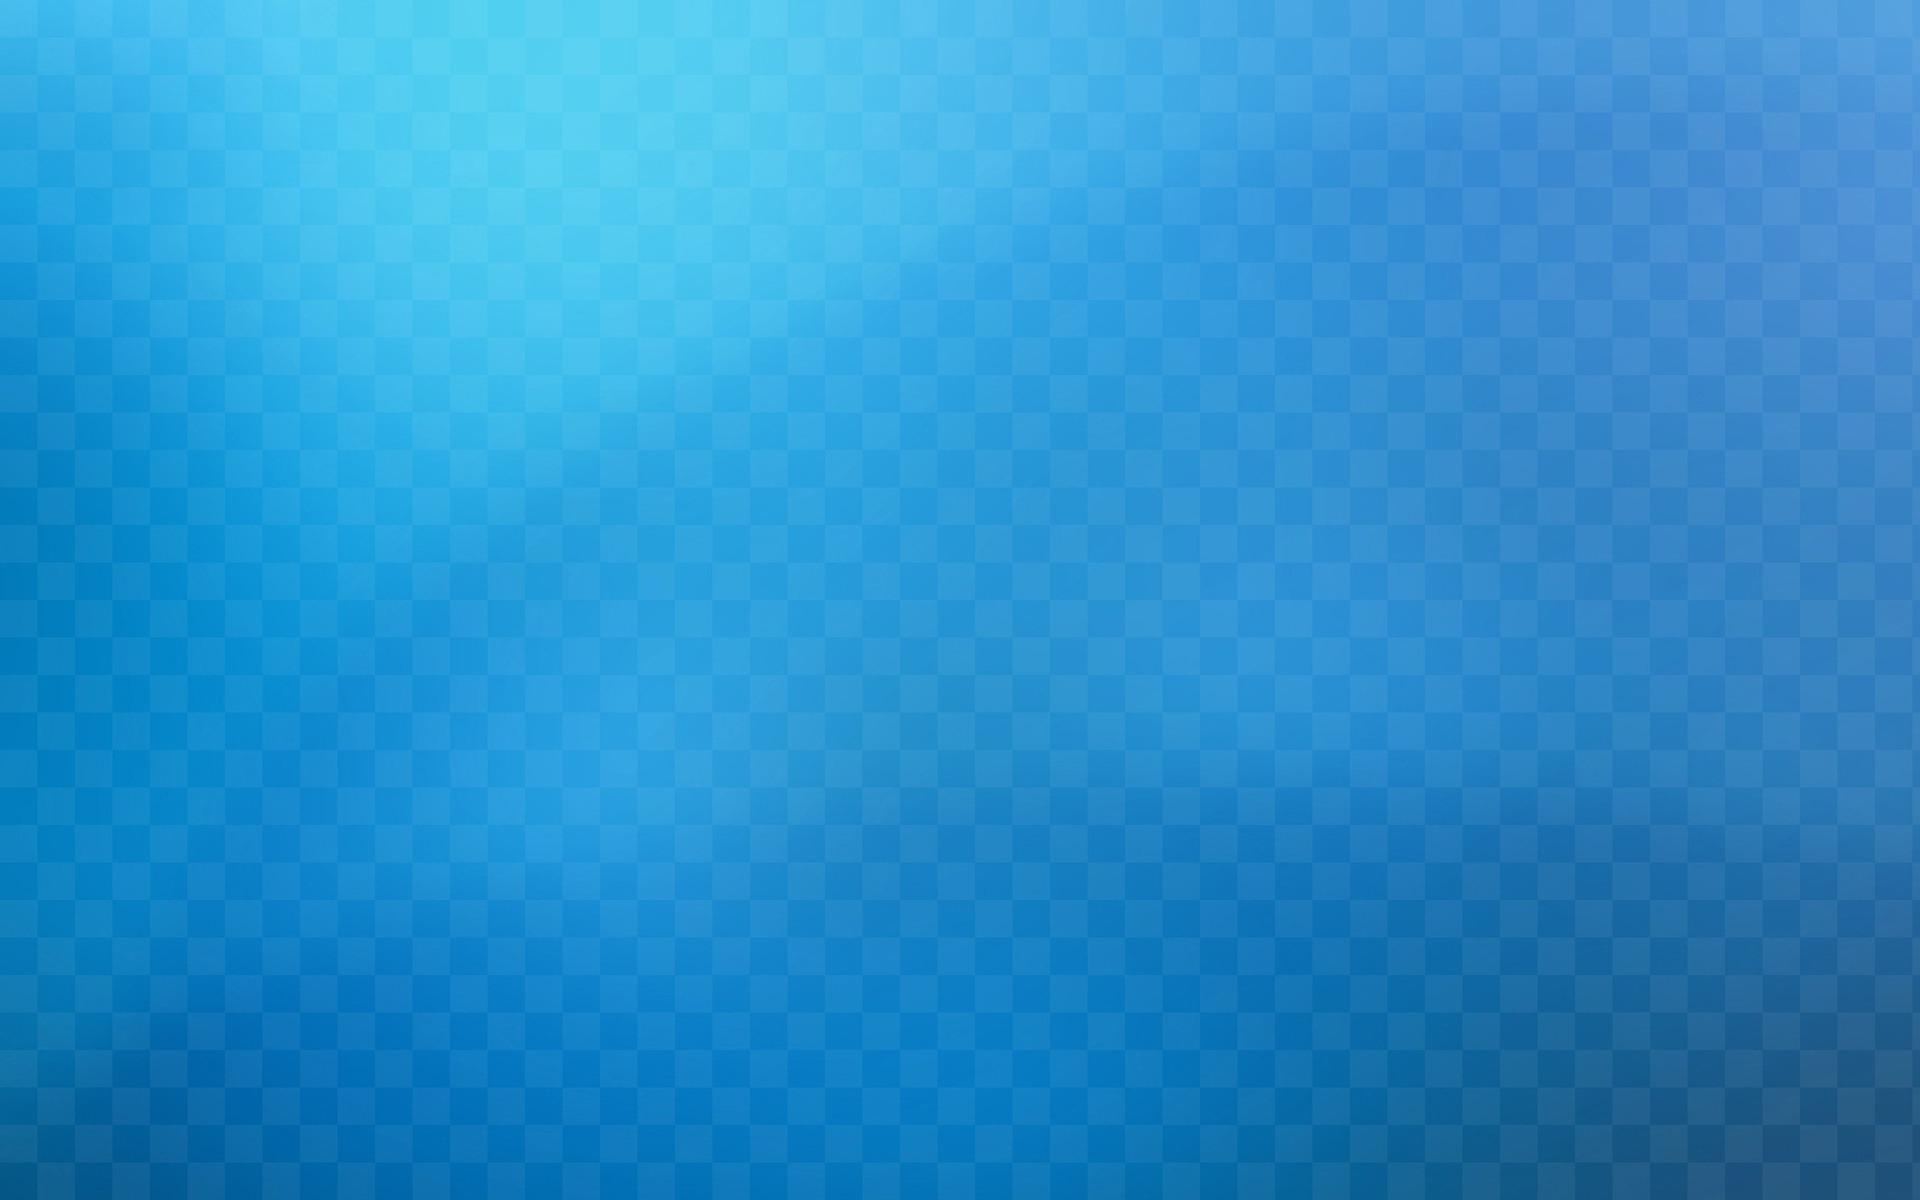 Light Blue Backgrounds wallpaper 1920x1200 57528 1920x1200